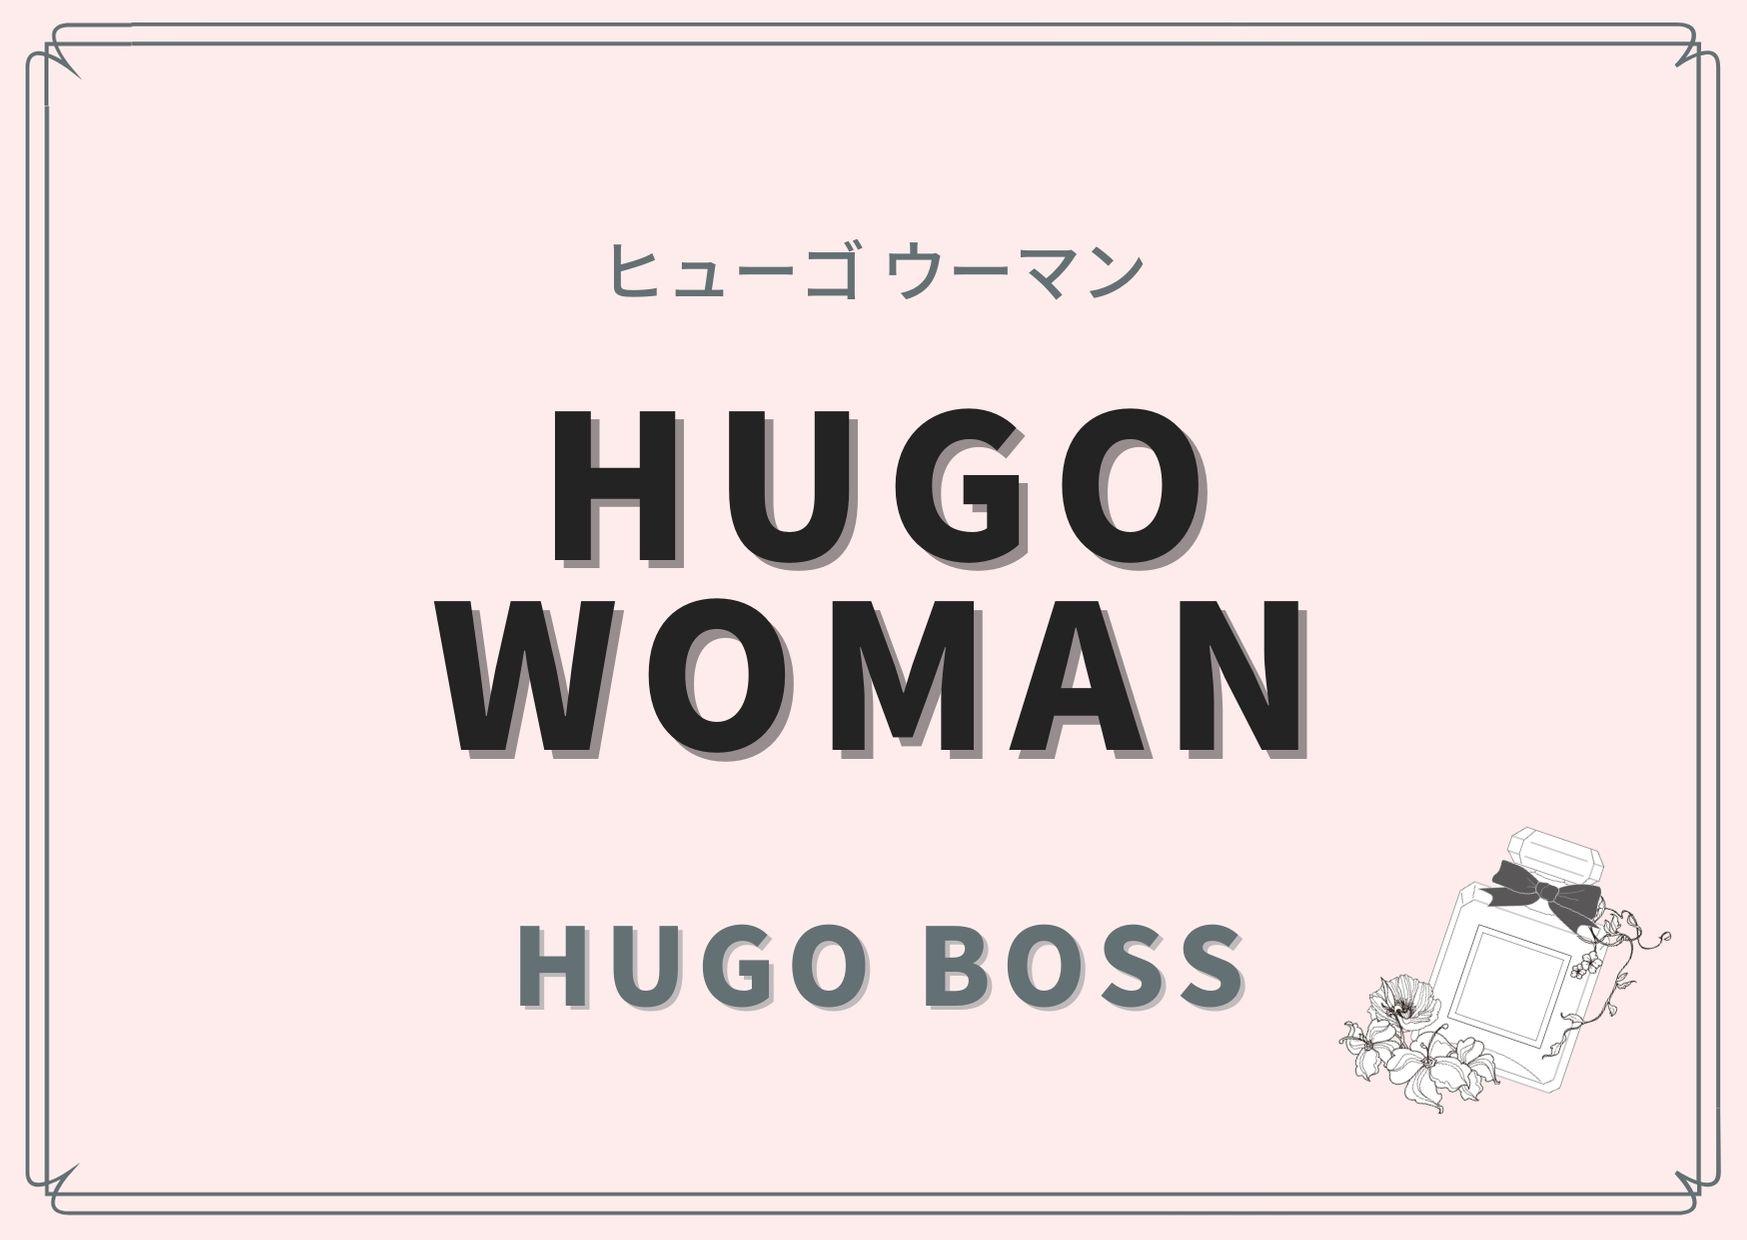 HUGO woman(ヒューゴ ウーマン)/HUGO BOSS(ヒューゴ ボス)